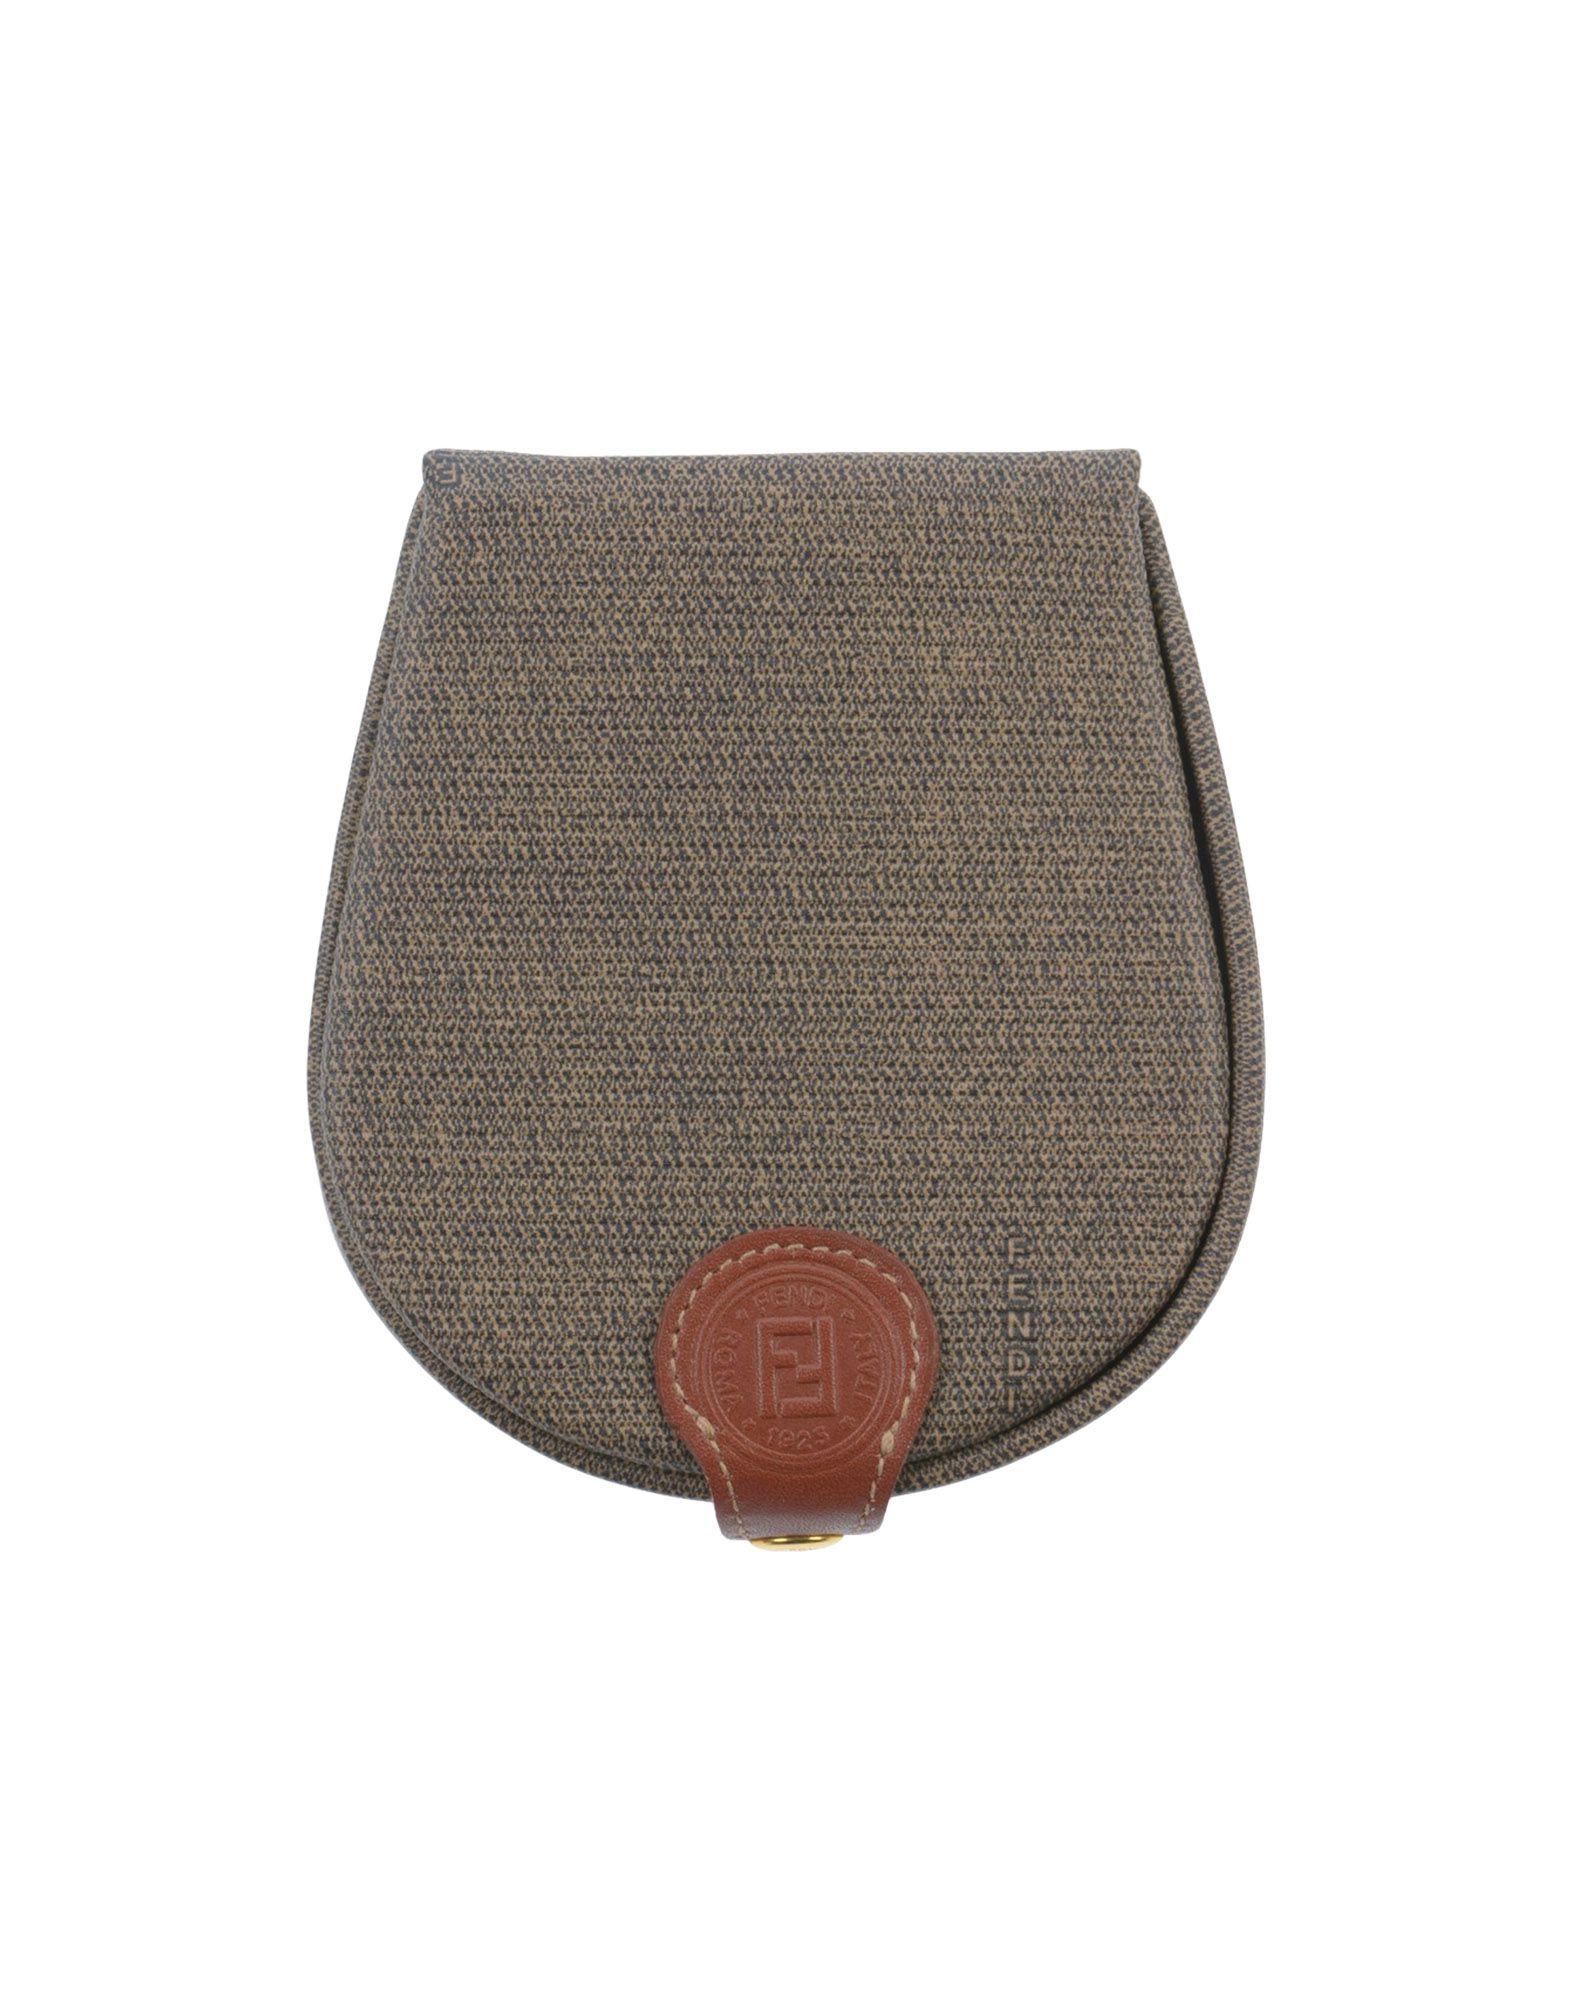 FENDI Кошелек для монет pink dandelion design кожа pu откидной крышки кошелек для карты держатель для samsung j5prime